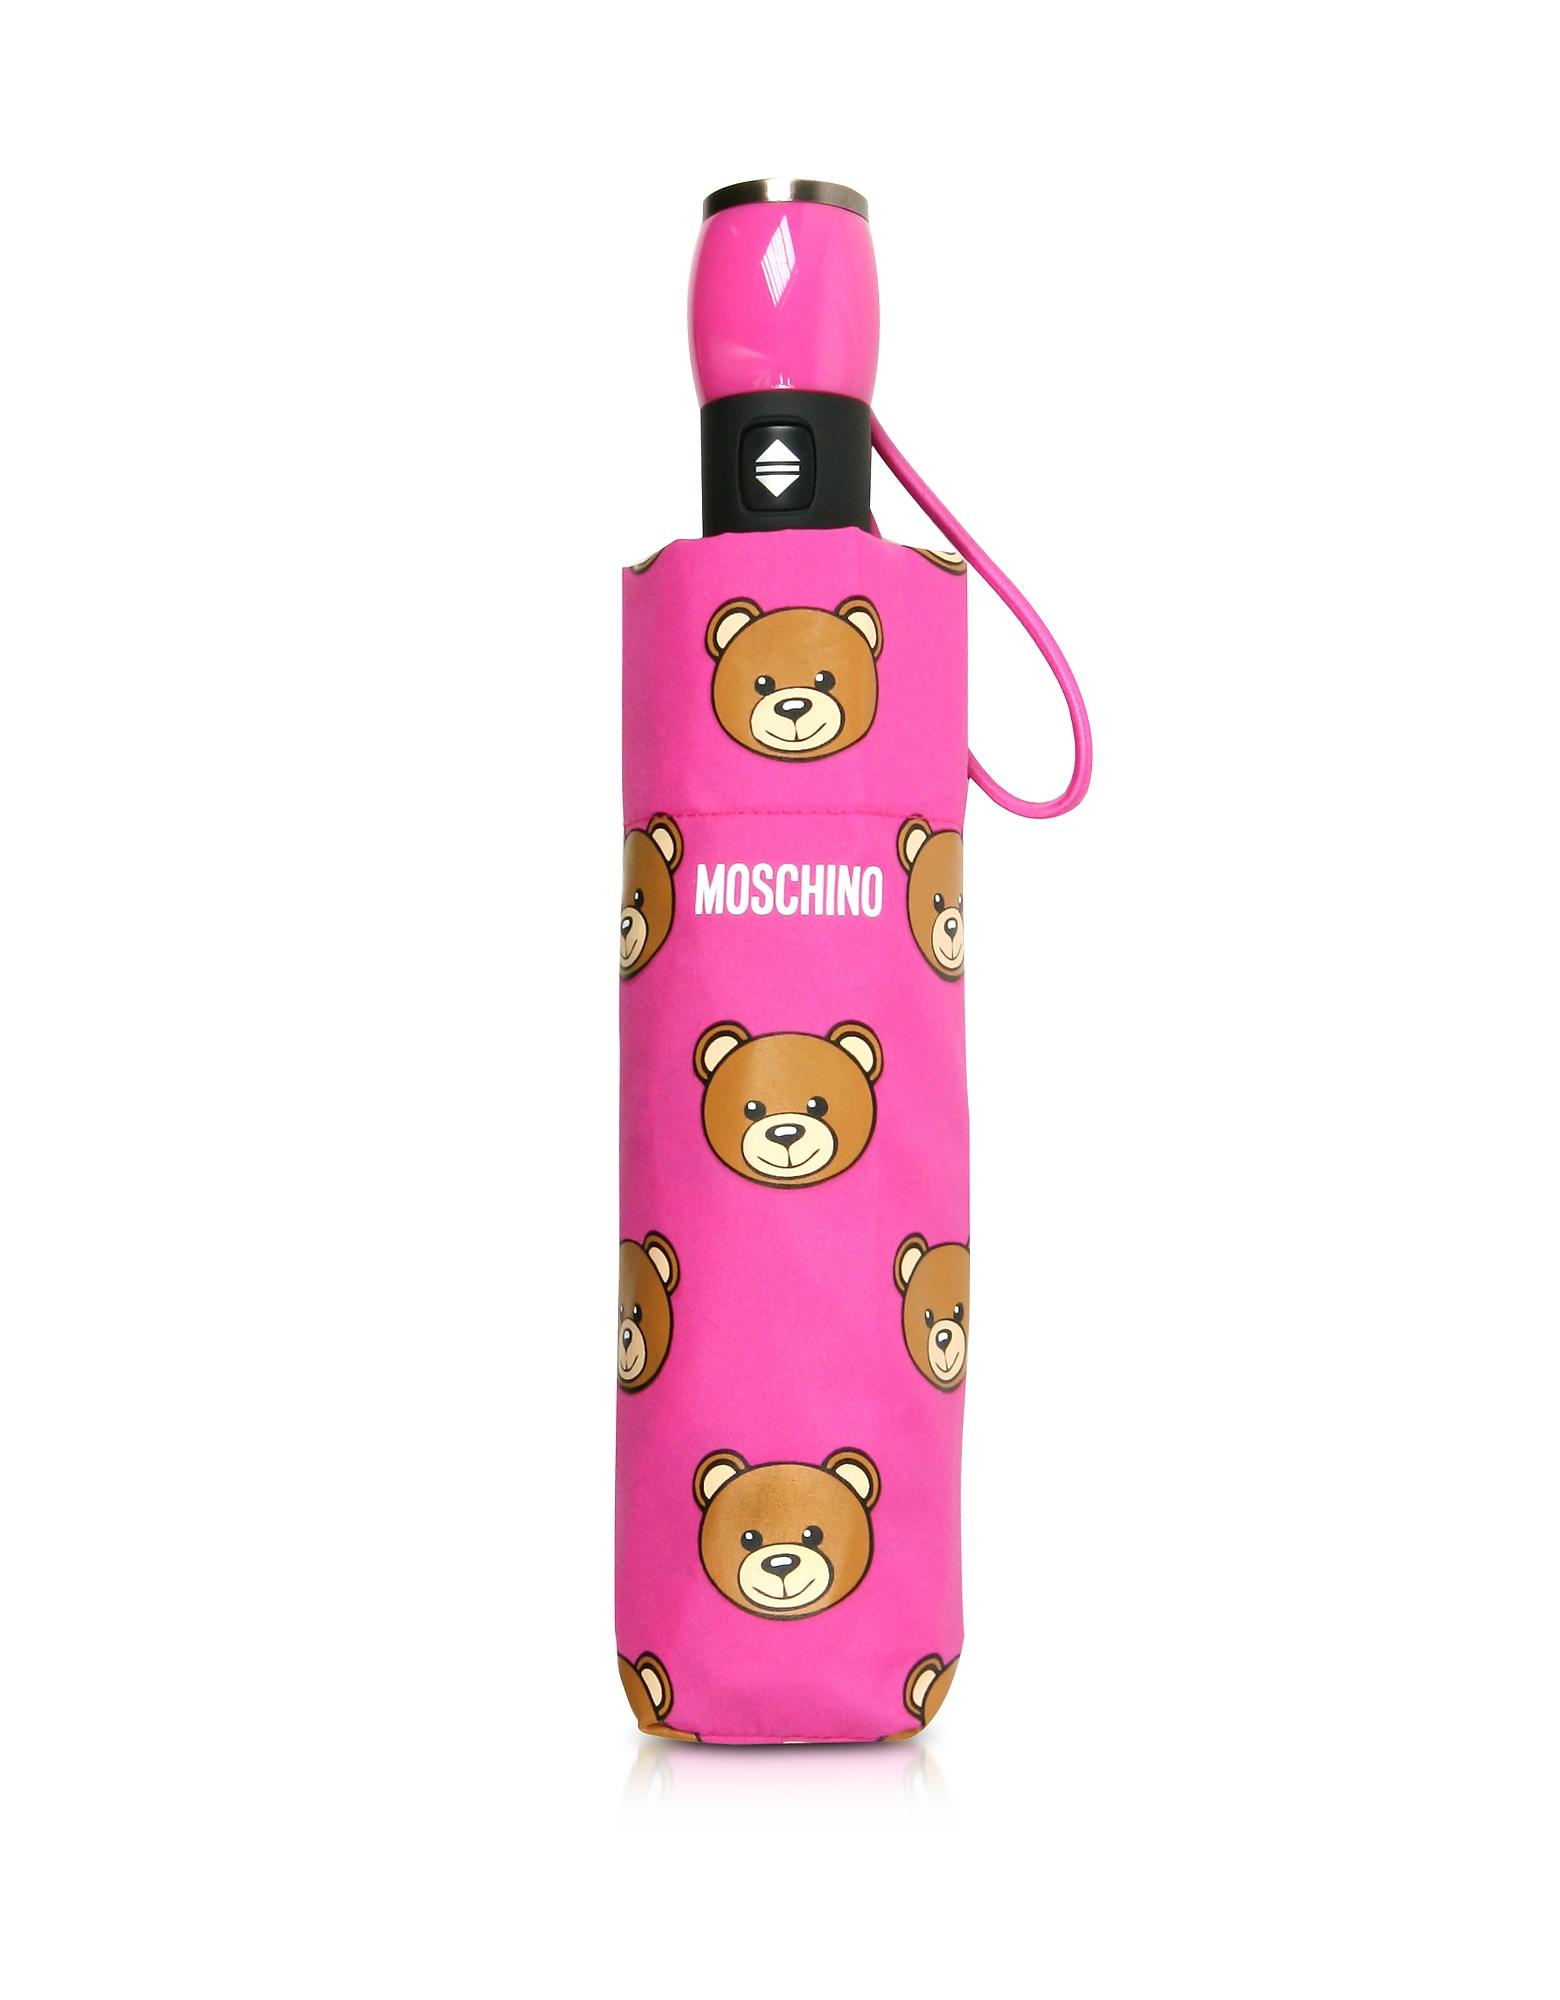 Moschino Umbrellas, Teddy Heads Fuchsia Mini Umbrella